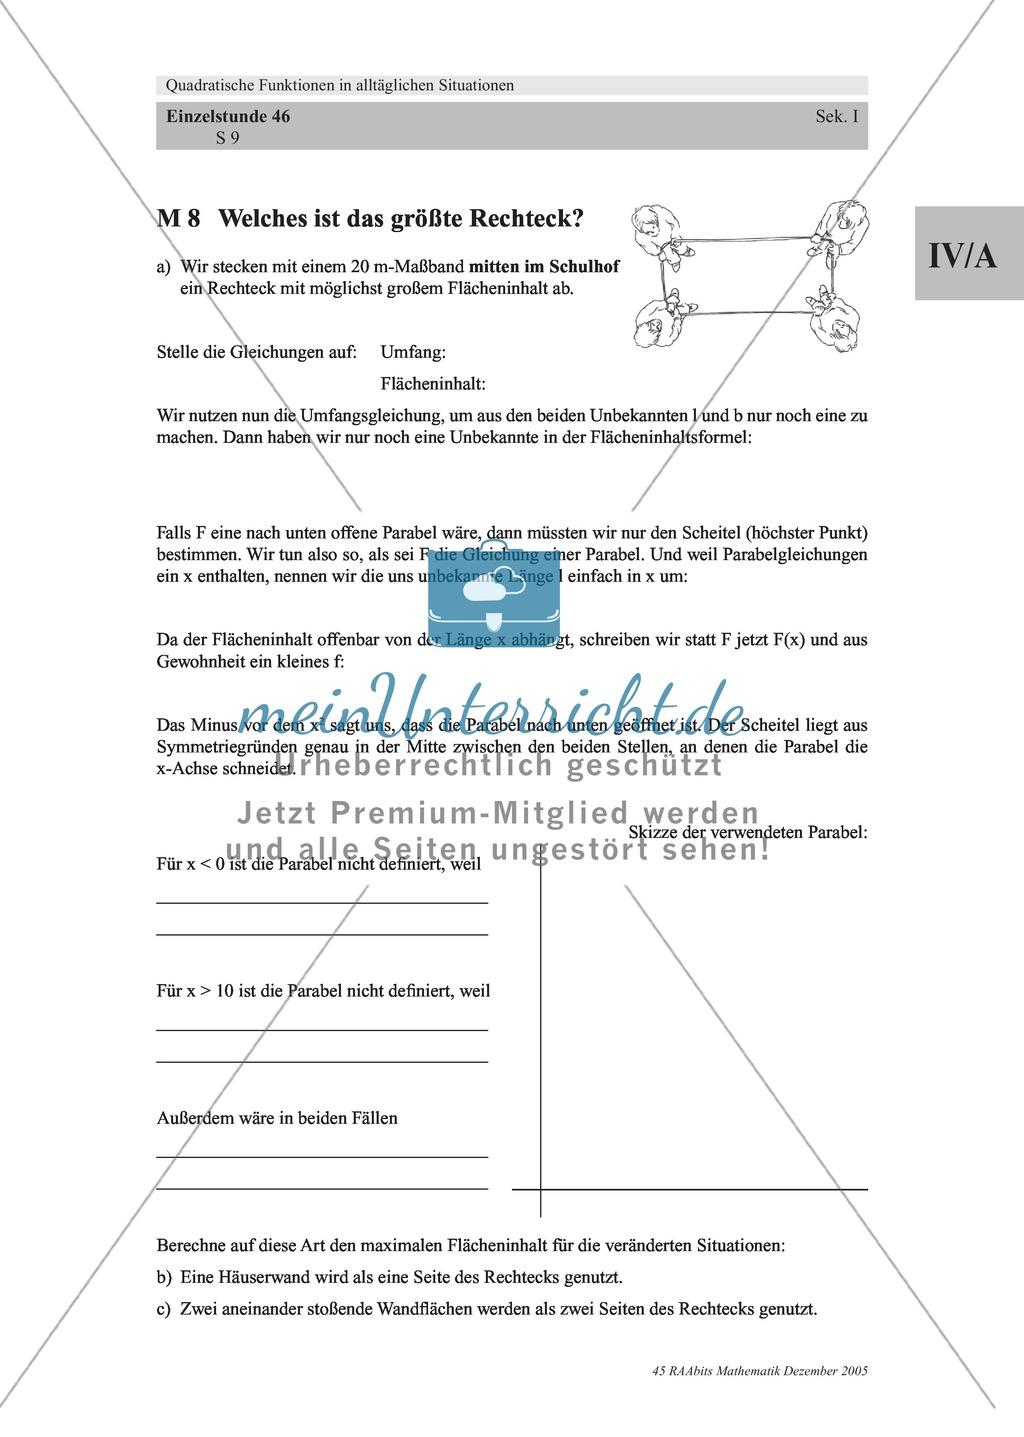 Analysis: Gruppenarbeit um Rechteck mit größter Fläche auf dem Schulhof zu finden (quadratische Funktion). Mit 3 Aufgaben und Lösungen und Erläuterungen. Preview 4